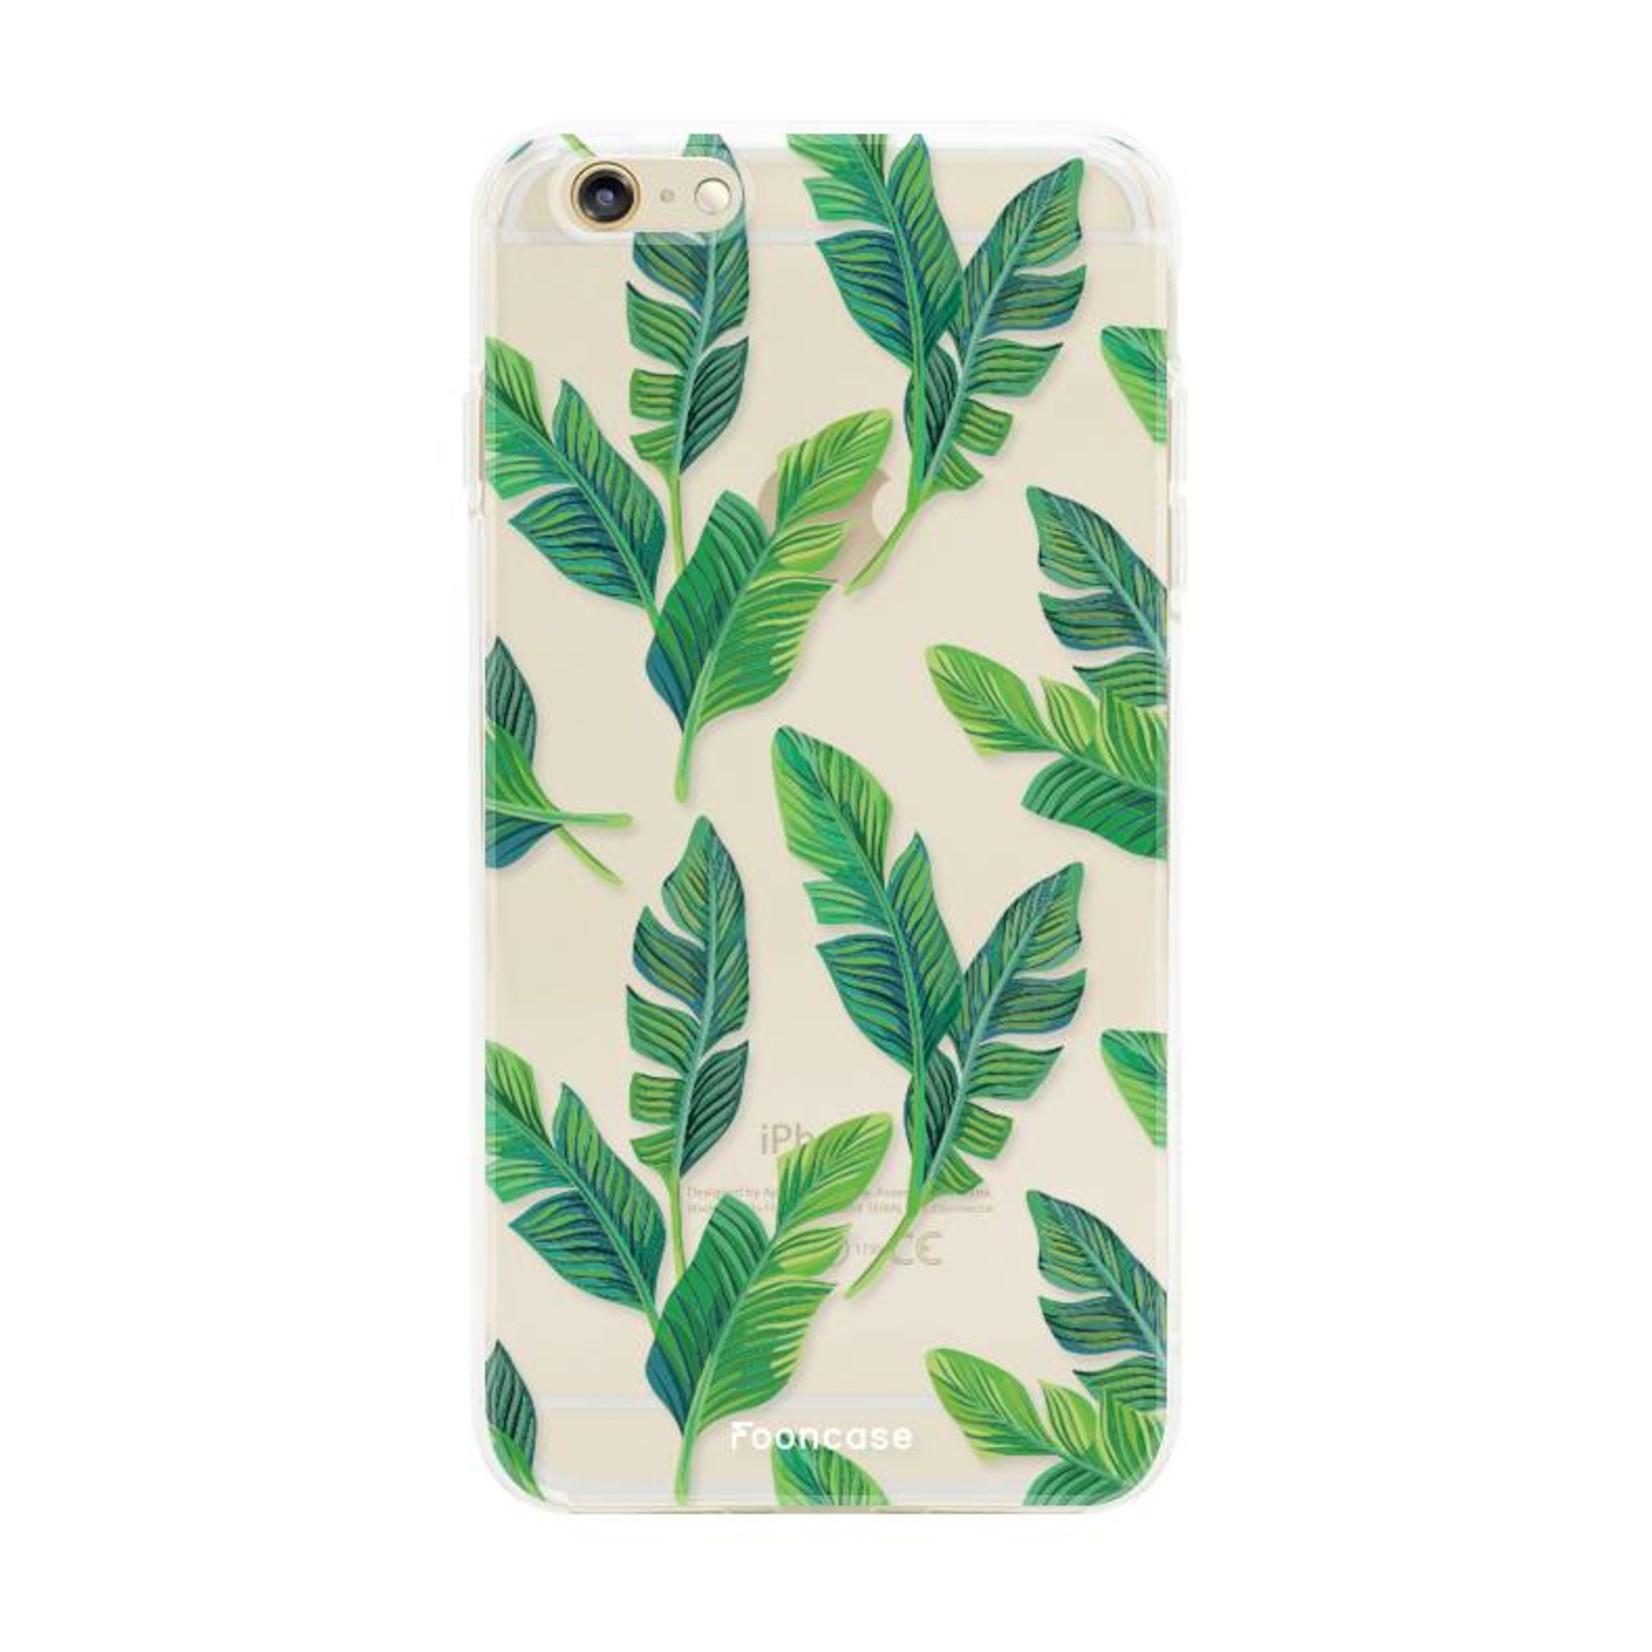 FOONCASE Iphone 6 Plus Handyhülle - Bananenblätter